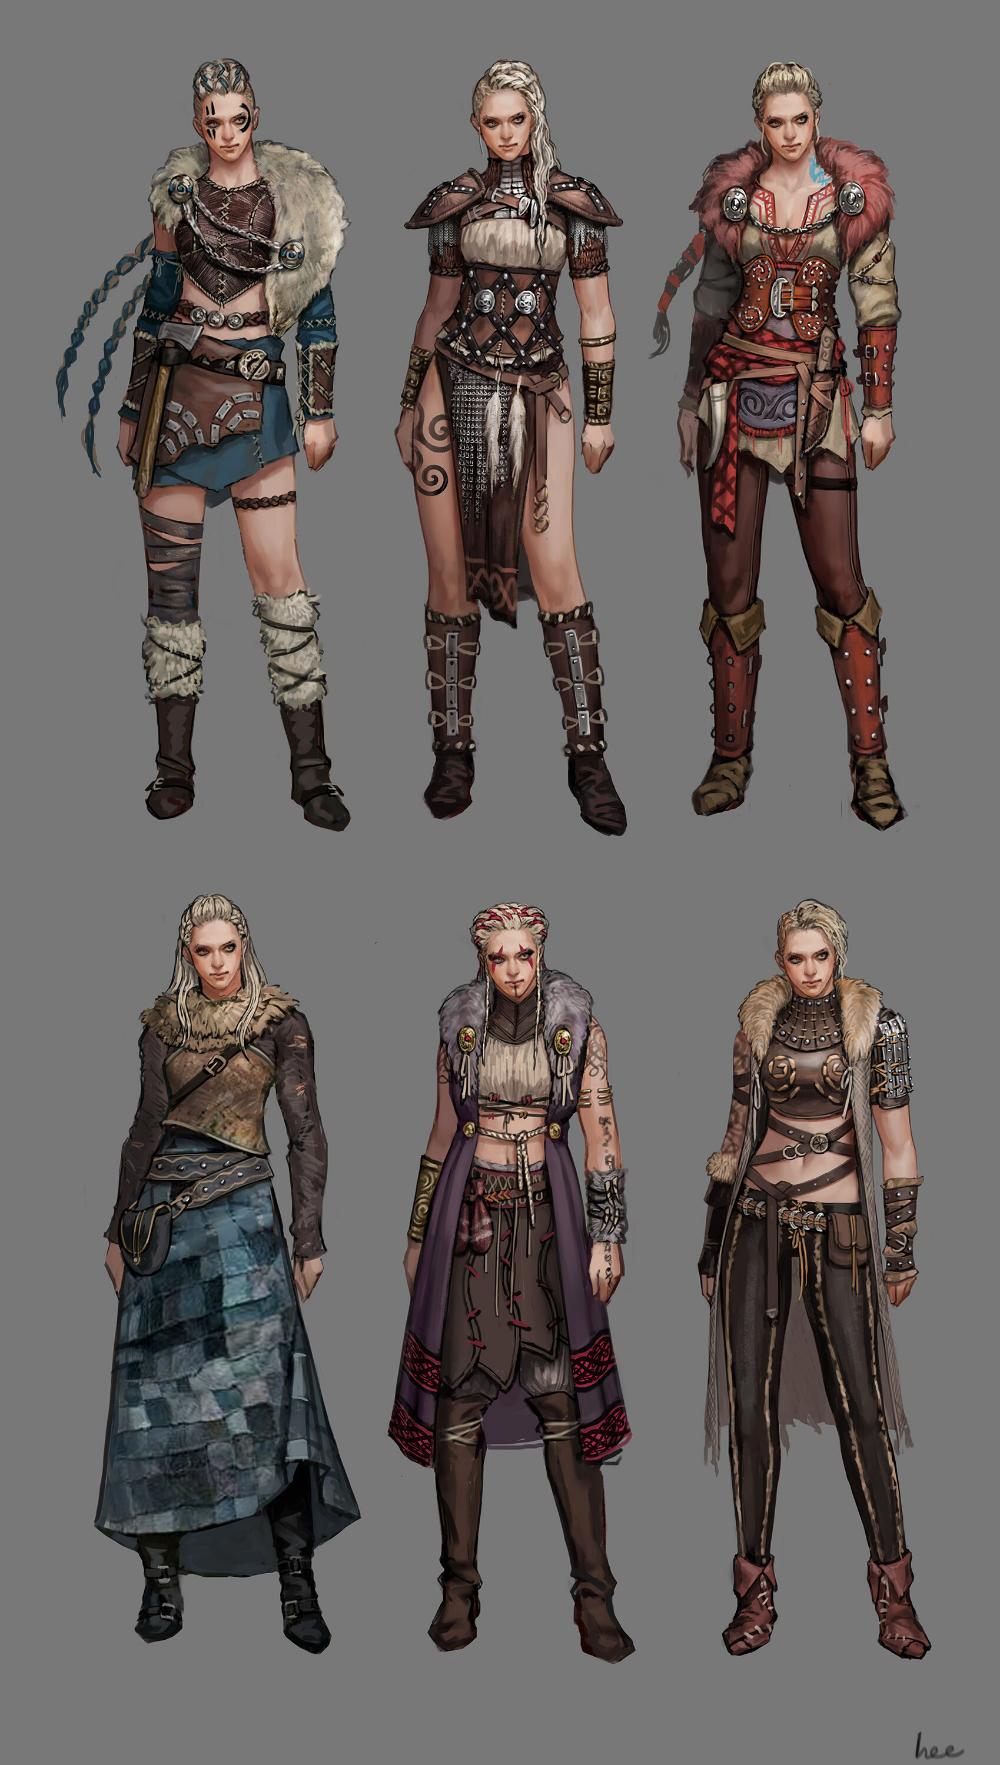 viking woman concept, ang po